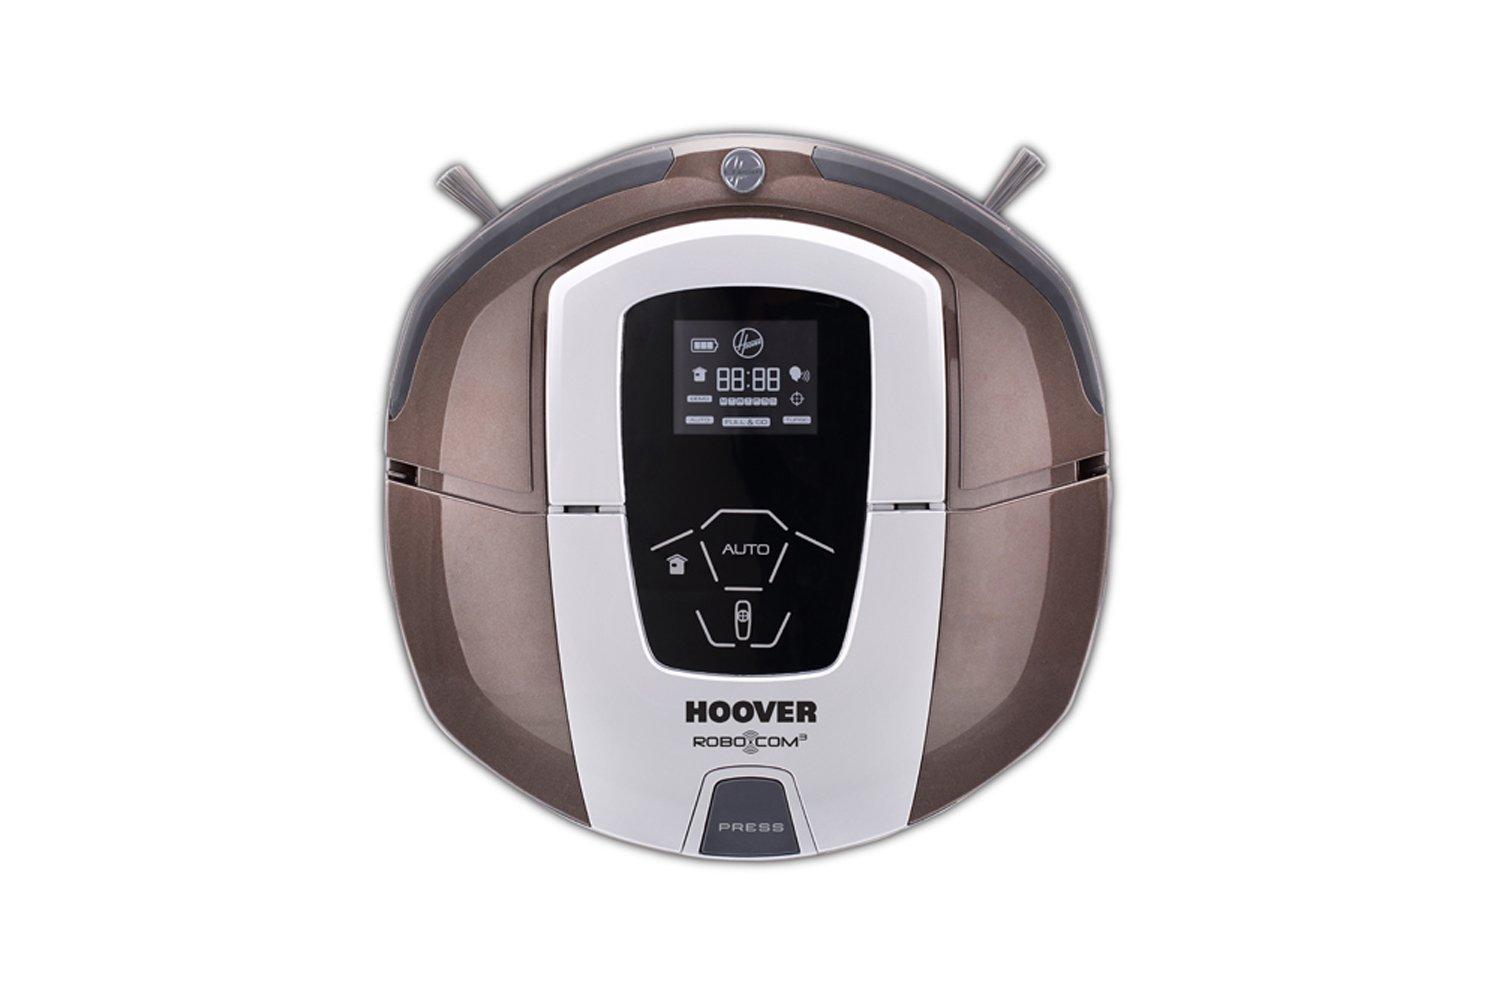 Acquisto Hoover Robo.Com3 RBC070 Robot Aspirapolvere, 0.5 Litri, 60 Decibel, Cioccolato Prezzo offerta